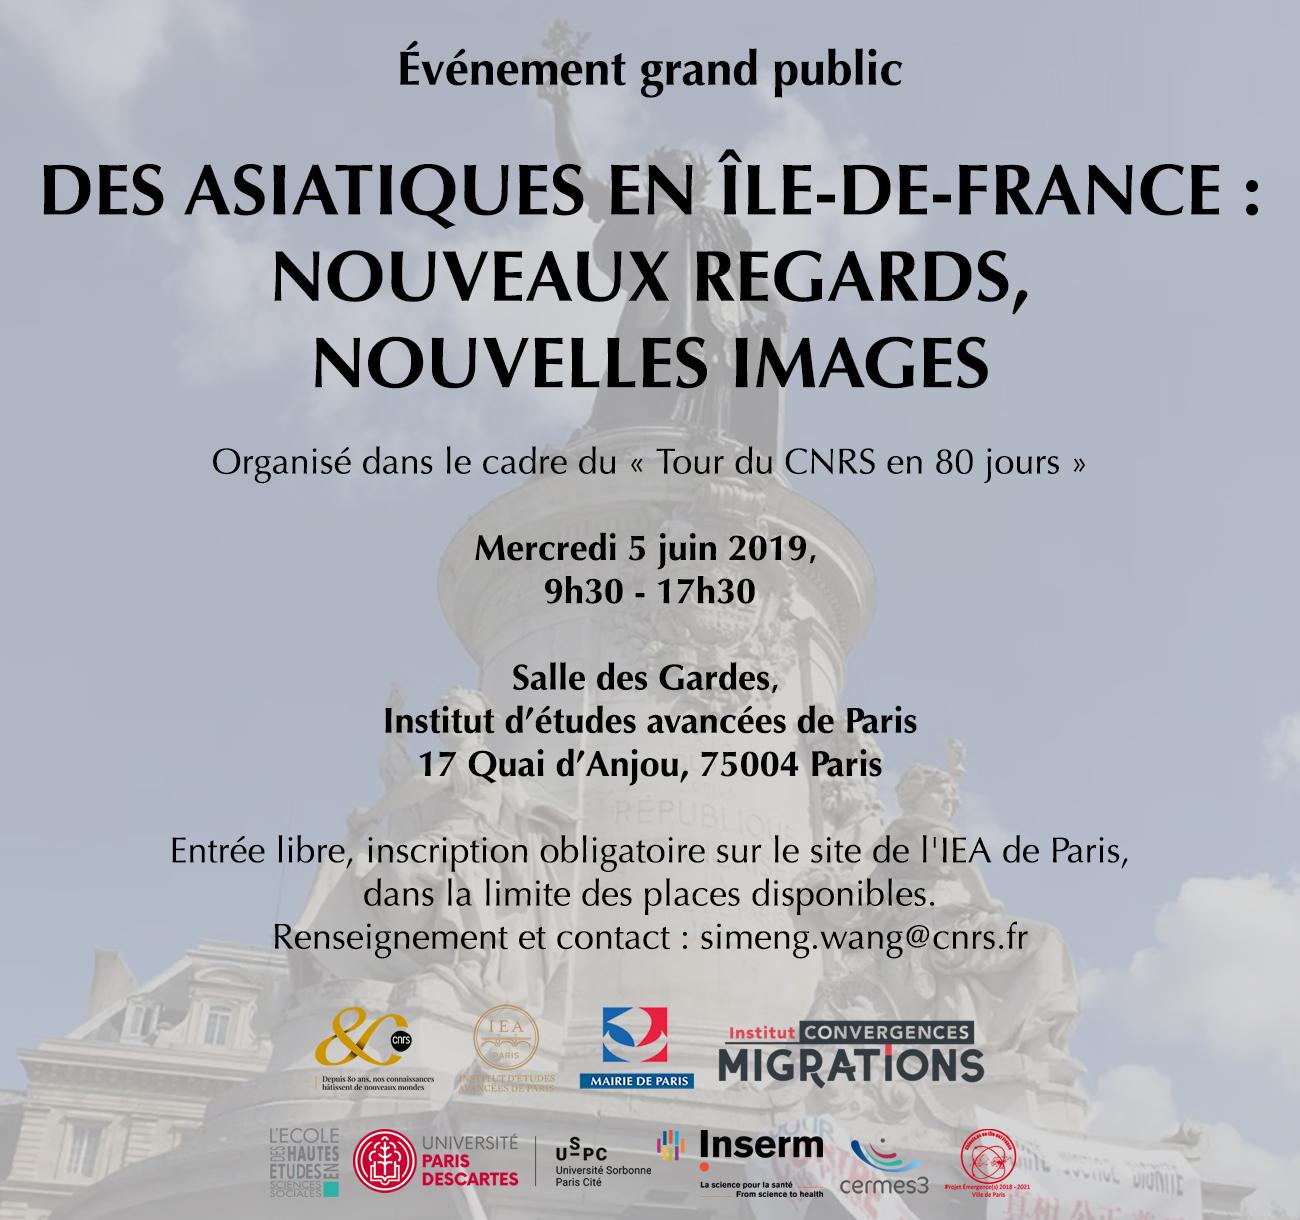 Des asiatiques en Île-de-France : nouveaux regards, nouvelles images